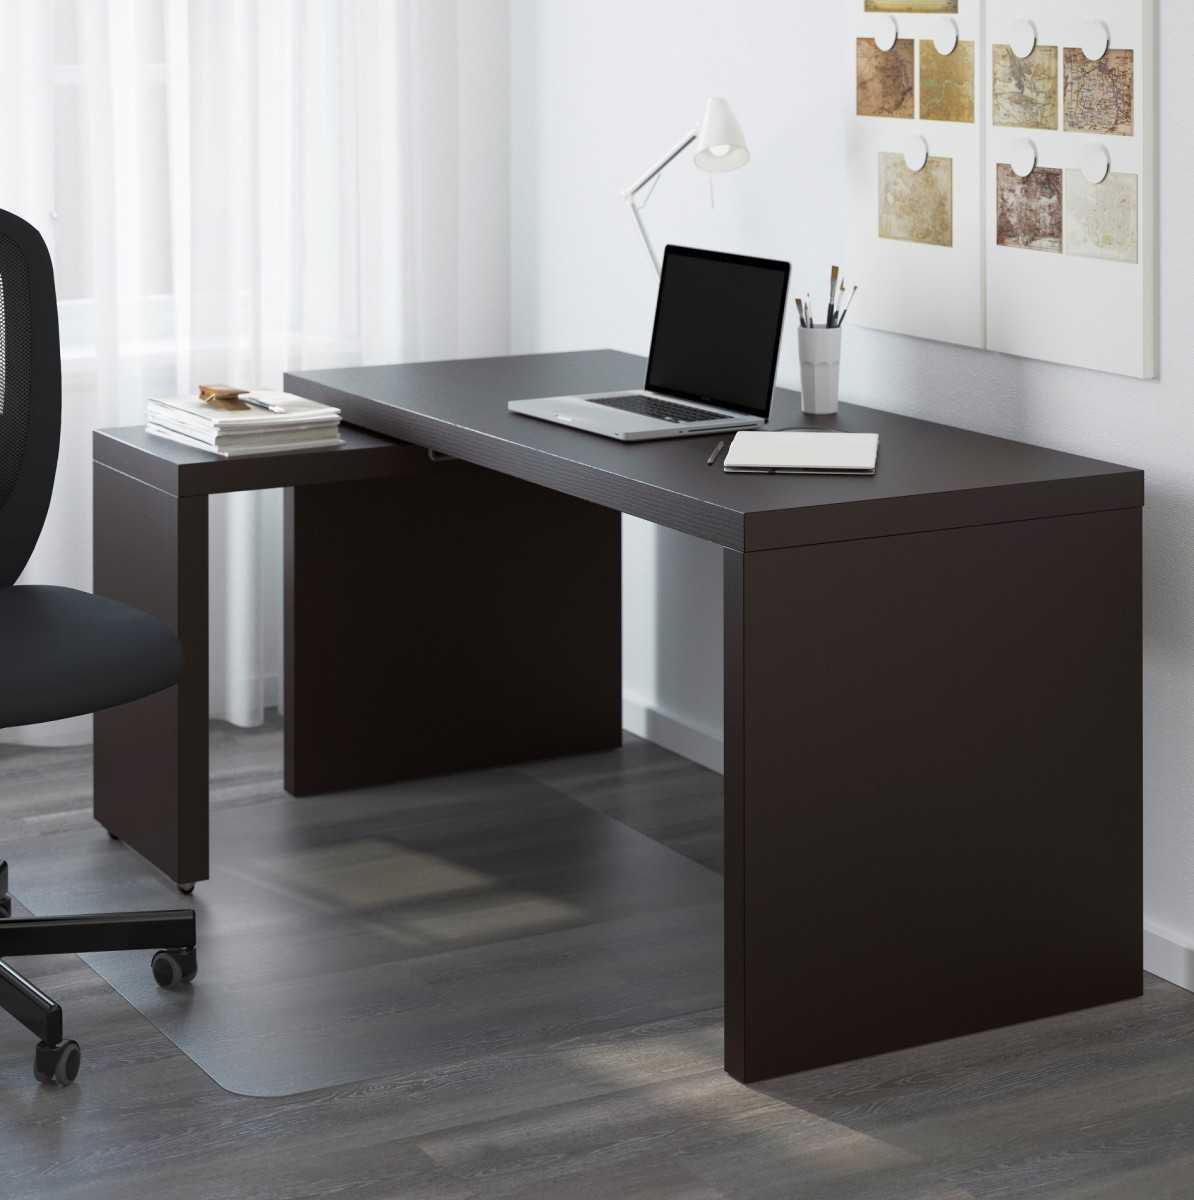 Wie wählt man den richtigen Computertisch aus, wohin stellt man ihn in den Raum?